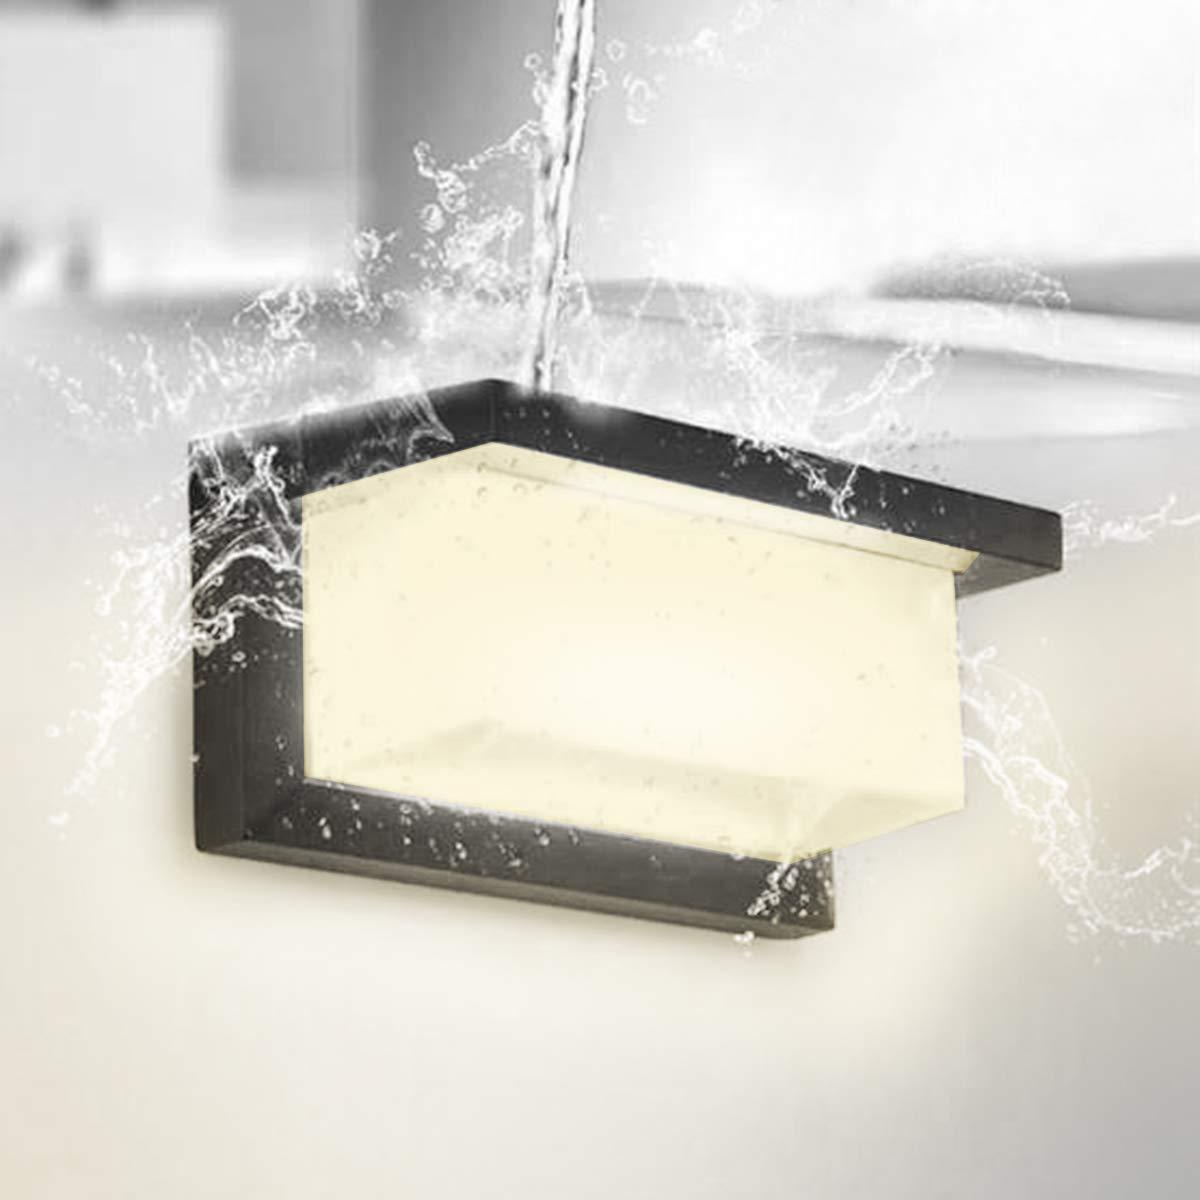 HAOFU 10W Lampada da Parete per esterno,Applique da Parete Impermeabile IP65 Lampada Muro in Alluminio+acrilico,4000K Bianco+bianco Naturale,nero nero-04